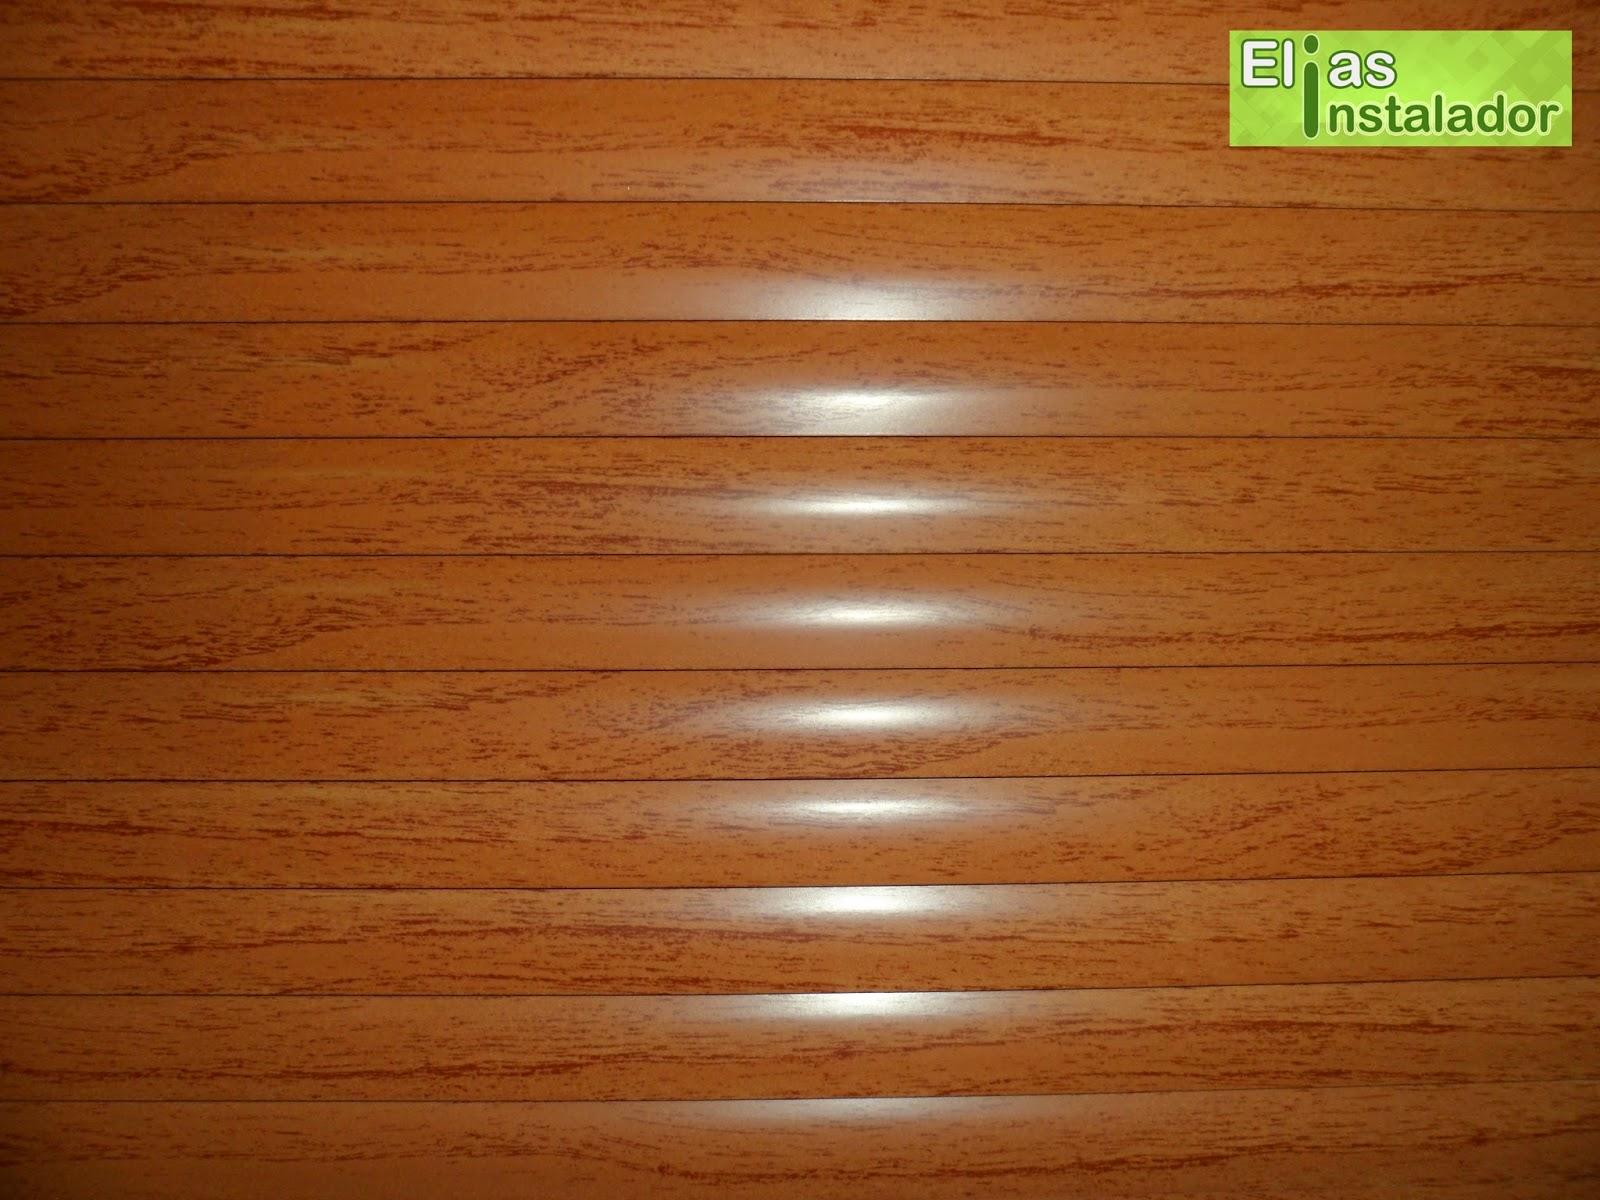 #4E1E04 Podemos ver os detalhes da persiana imitando uma textura de madeira. 1698 Janela De Aluminio Na Cor De Madeira